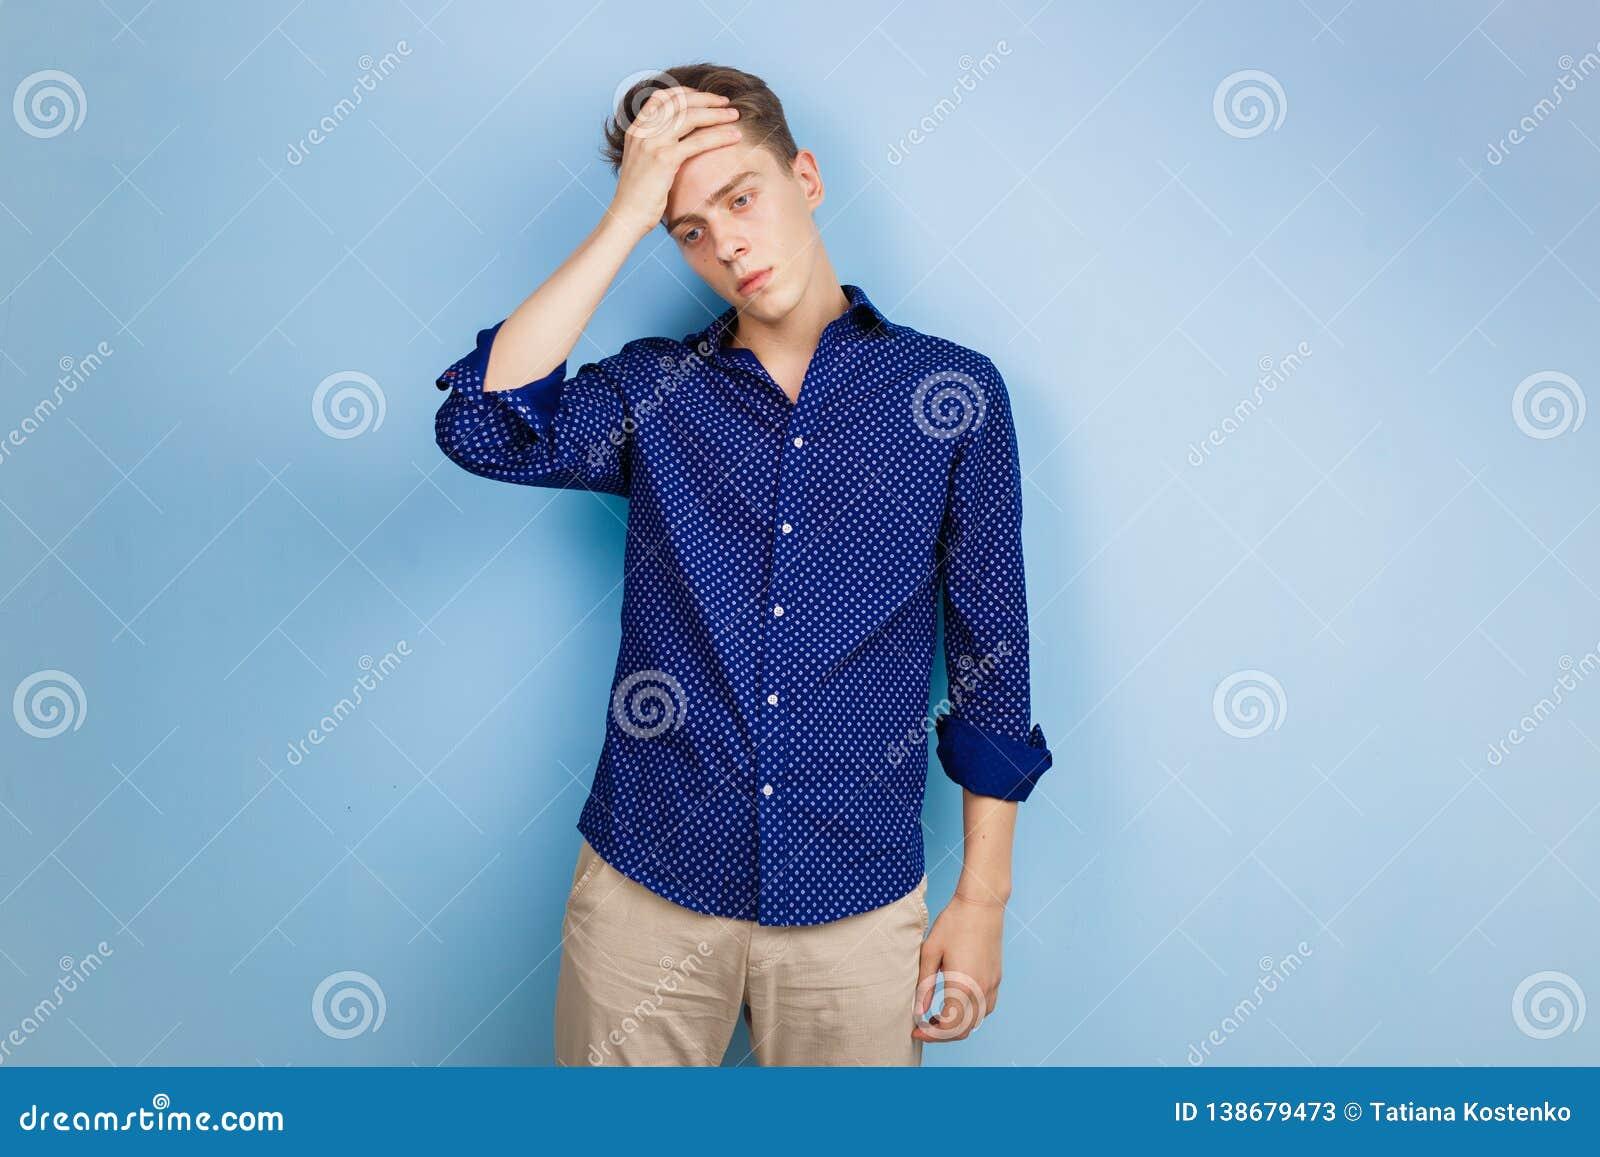 Ανατρέψτε το νεαρό άνδρα στο μπλε πουκάμισο, κρατώντας το χέρι στο μέτωπο, ξεχνώντας κάτι ή αισθαμένος τη θλίψη, που στέκεται πέρ